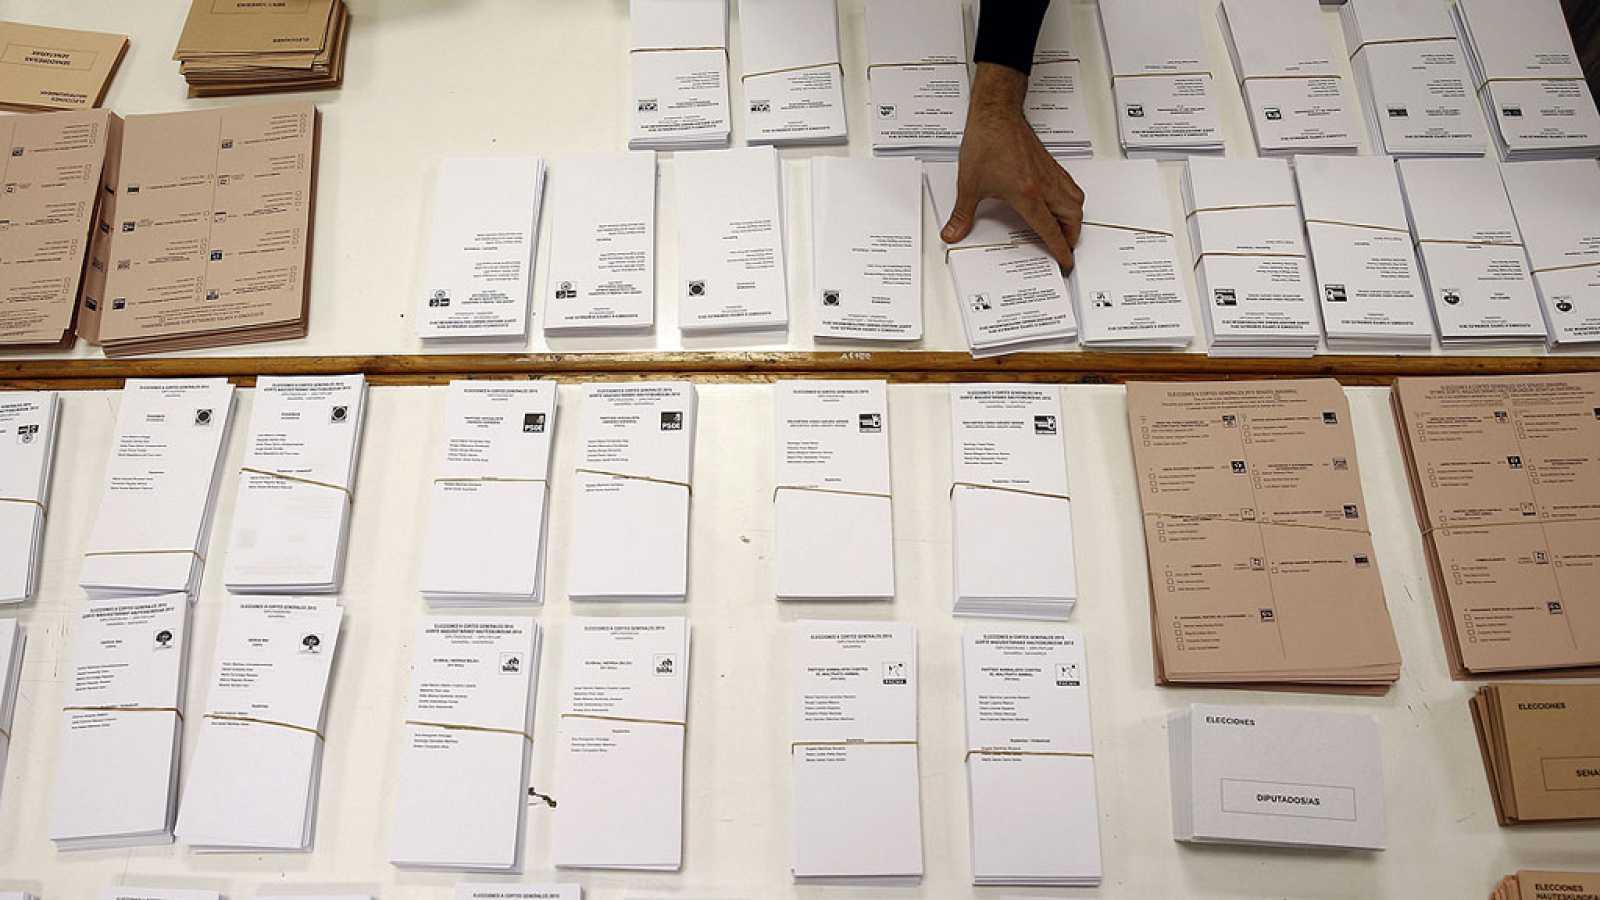 Qué votamos los españoles en las elecciones generales de 2015